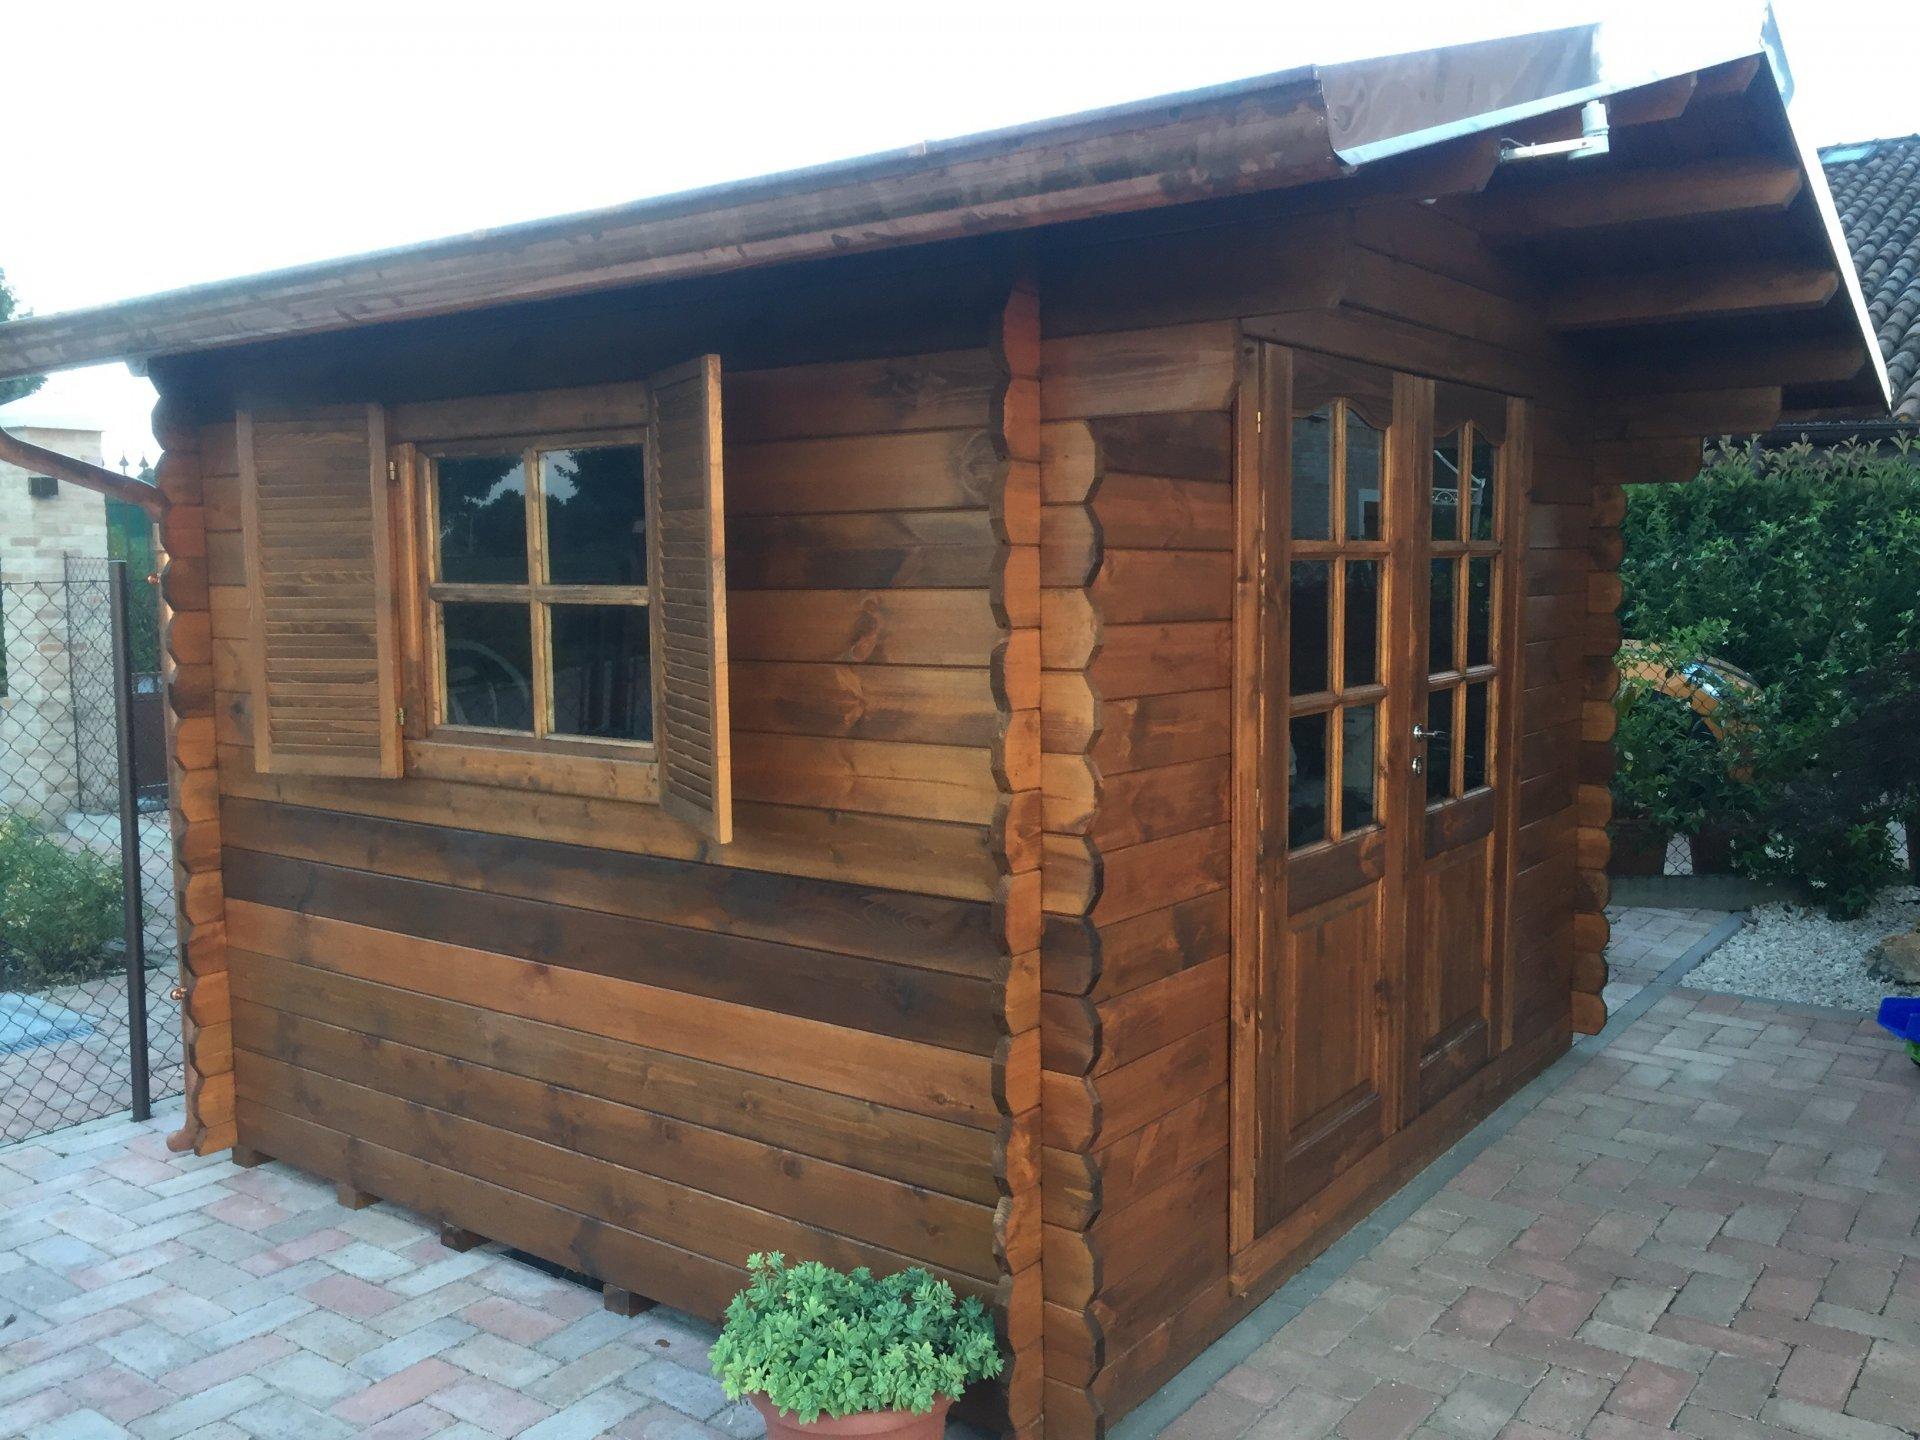 Casette in legno 3x2 5 con porta doppia dekalux for Case di legno tedesche